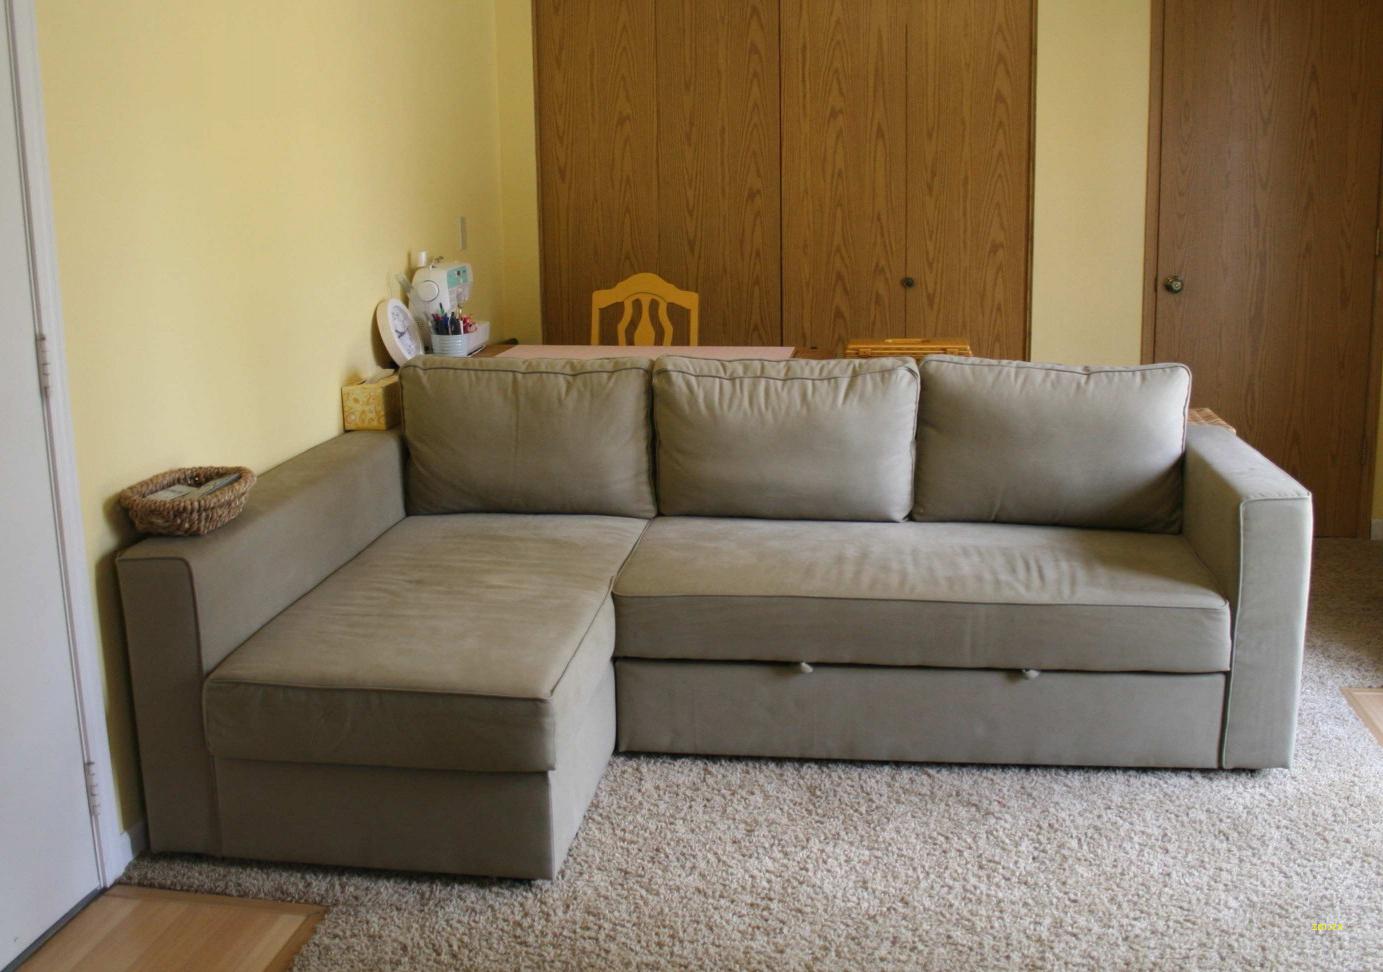 Fundas sofa Baratas Carrefour Nkde 30 Contemporà Neo Fundas sofa Carrefour Galerà A